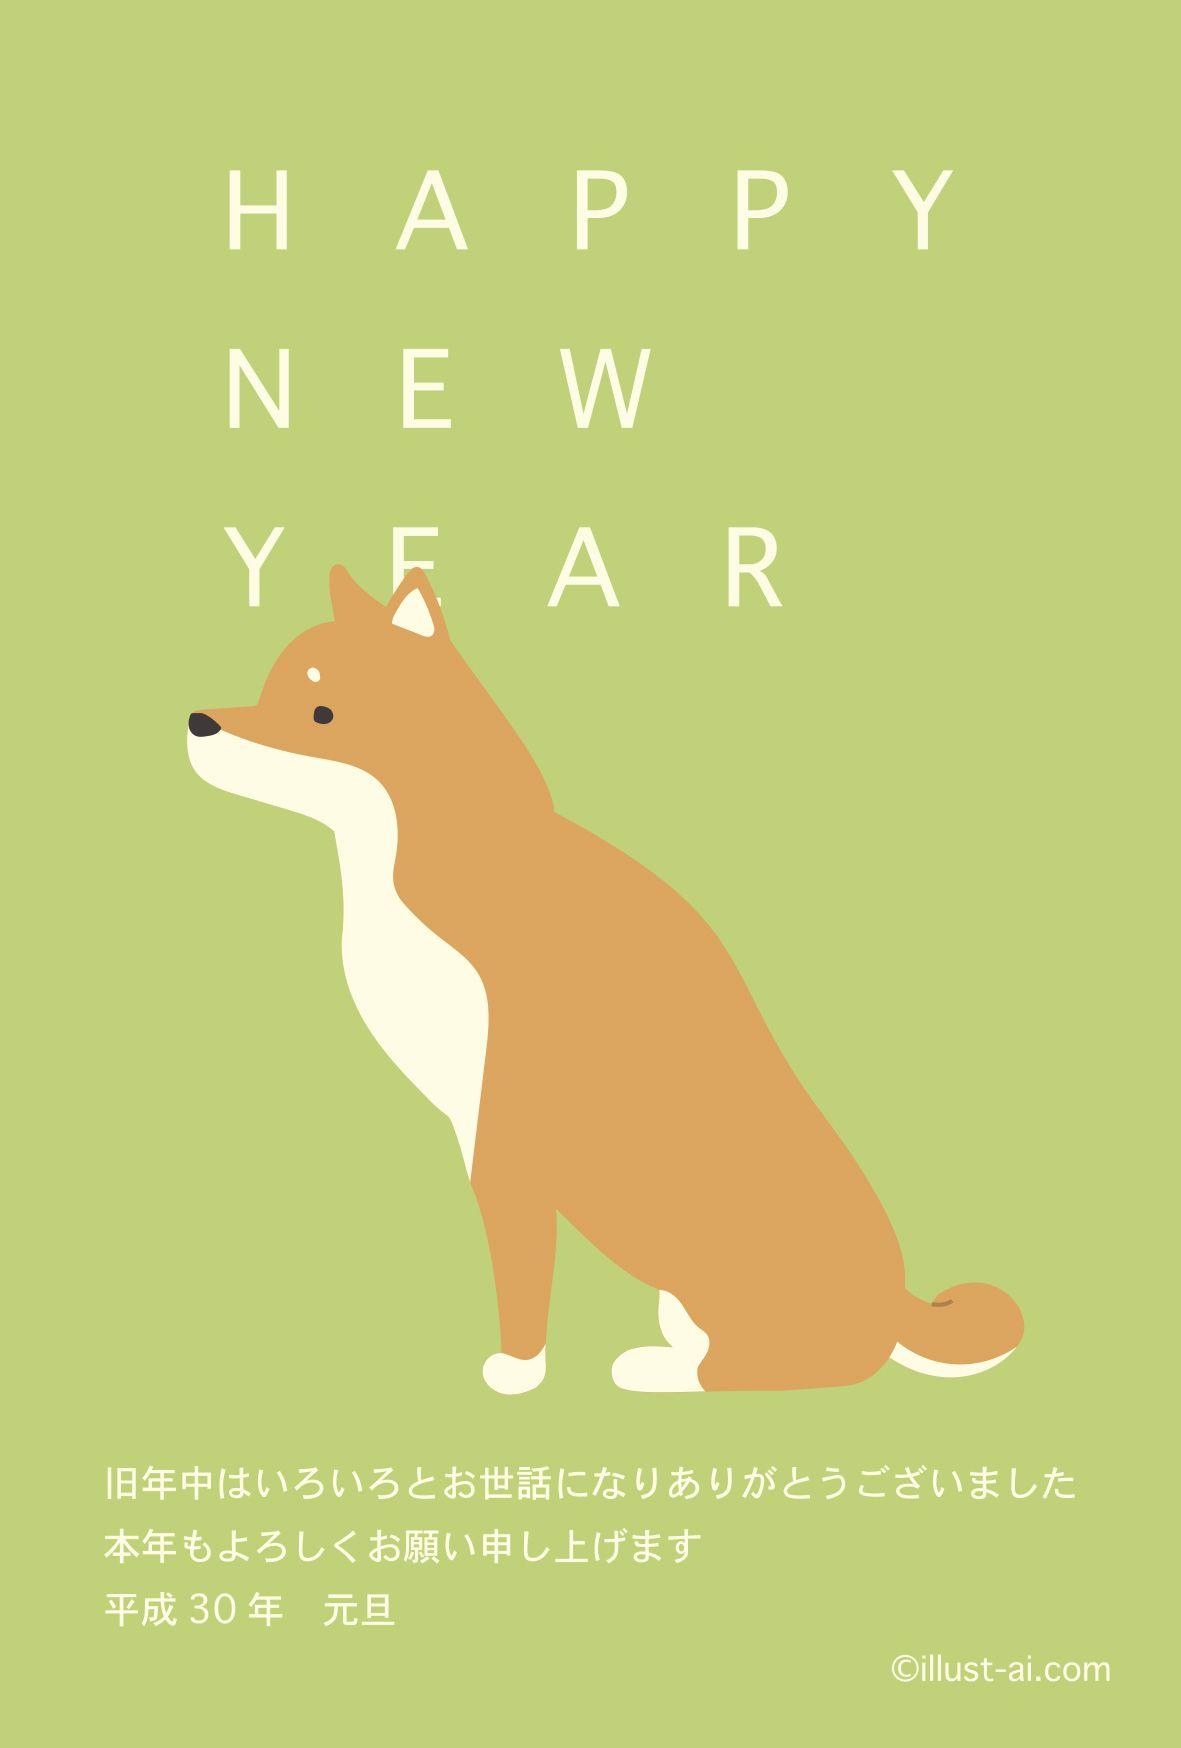 かわいい柴犬とシンプル背景 年賀状 2018 干支 無料 イラスト | お正月